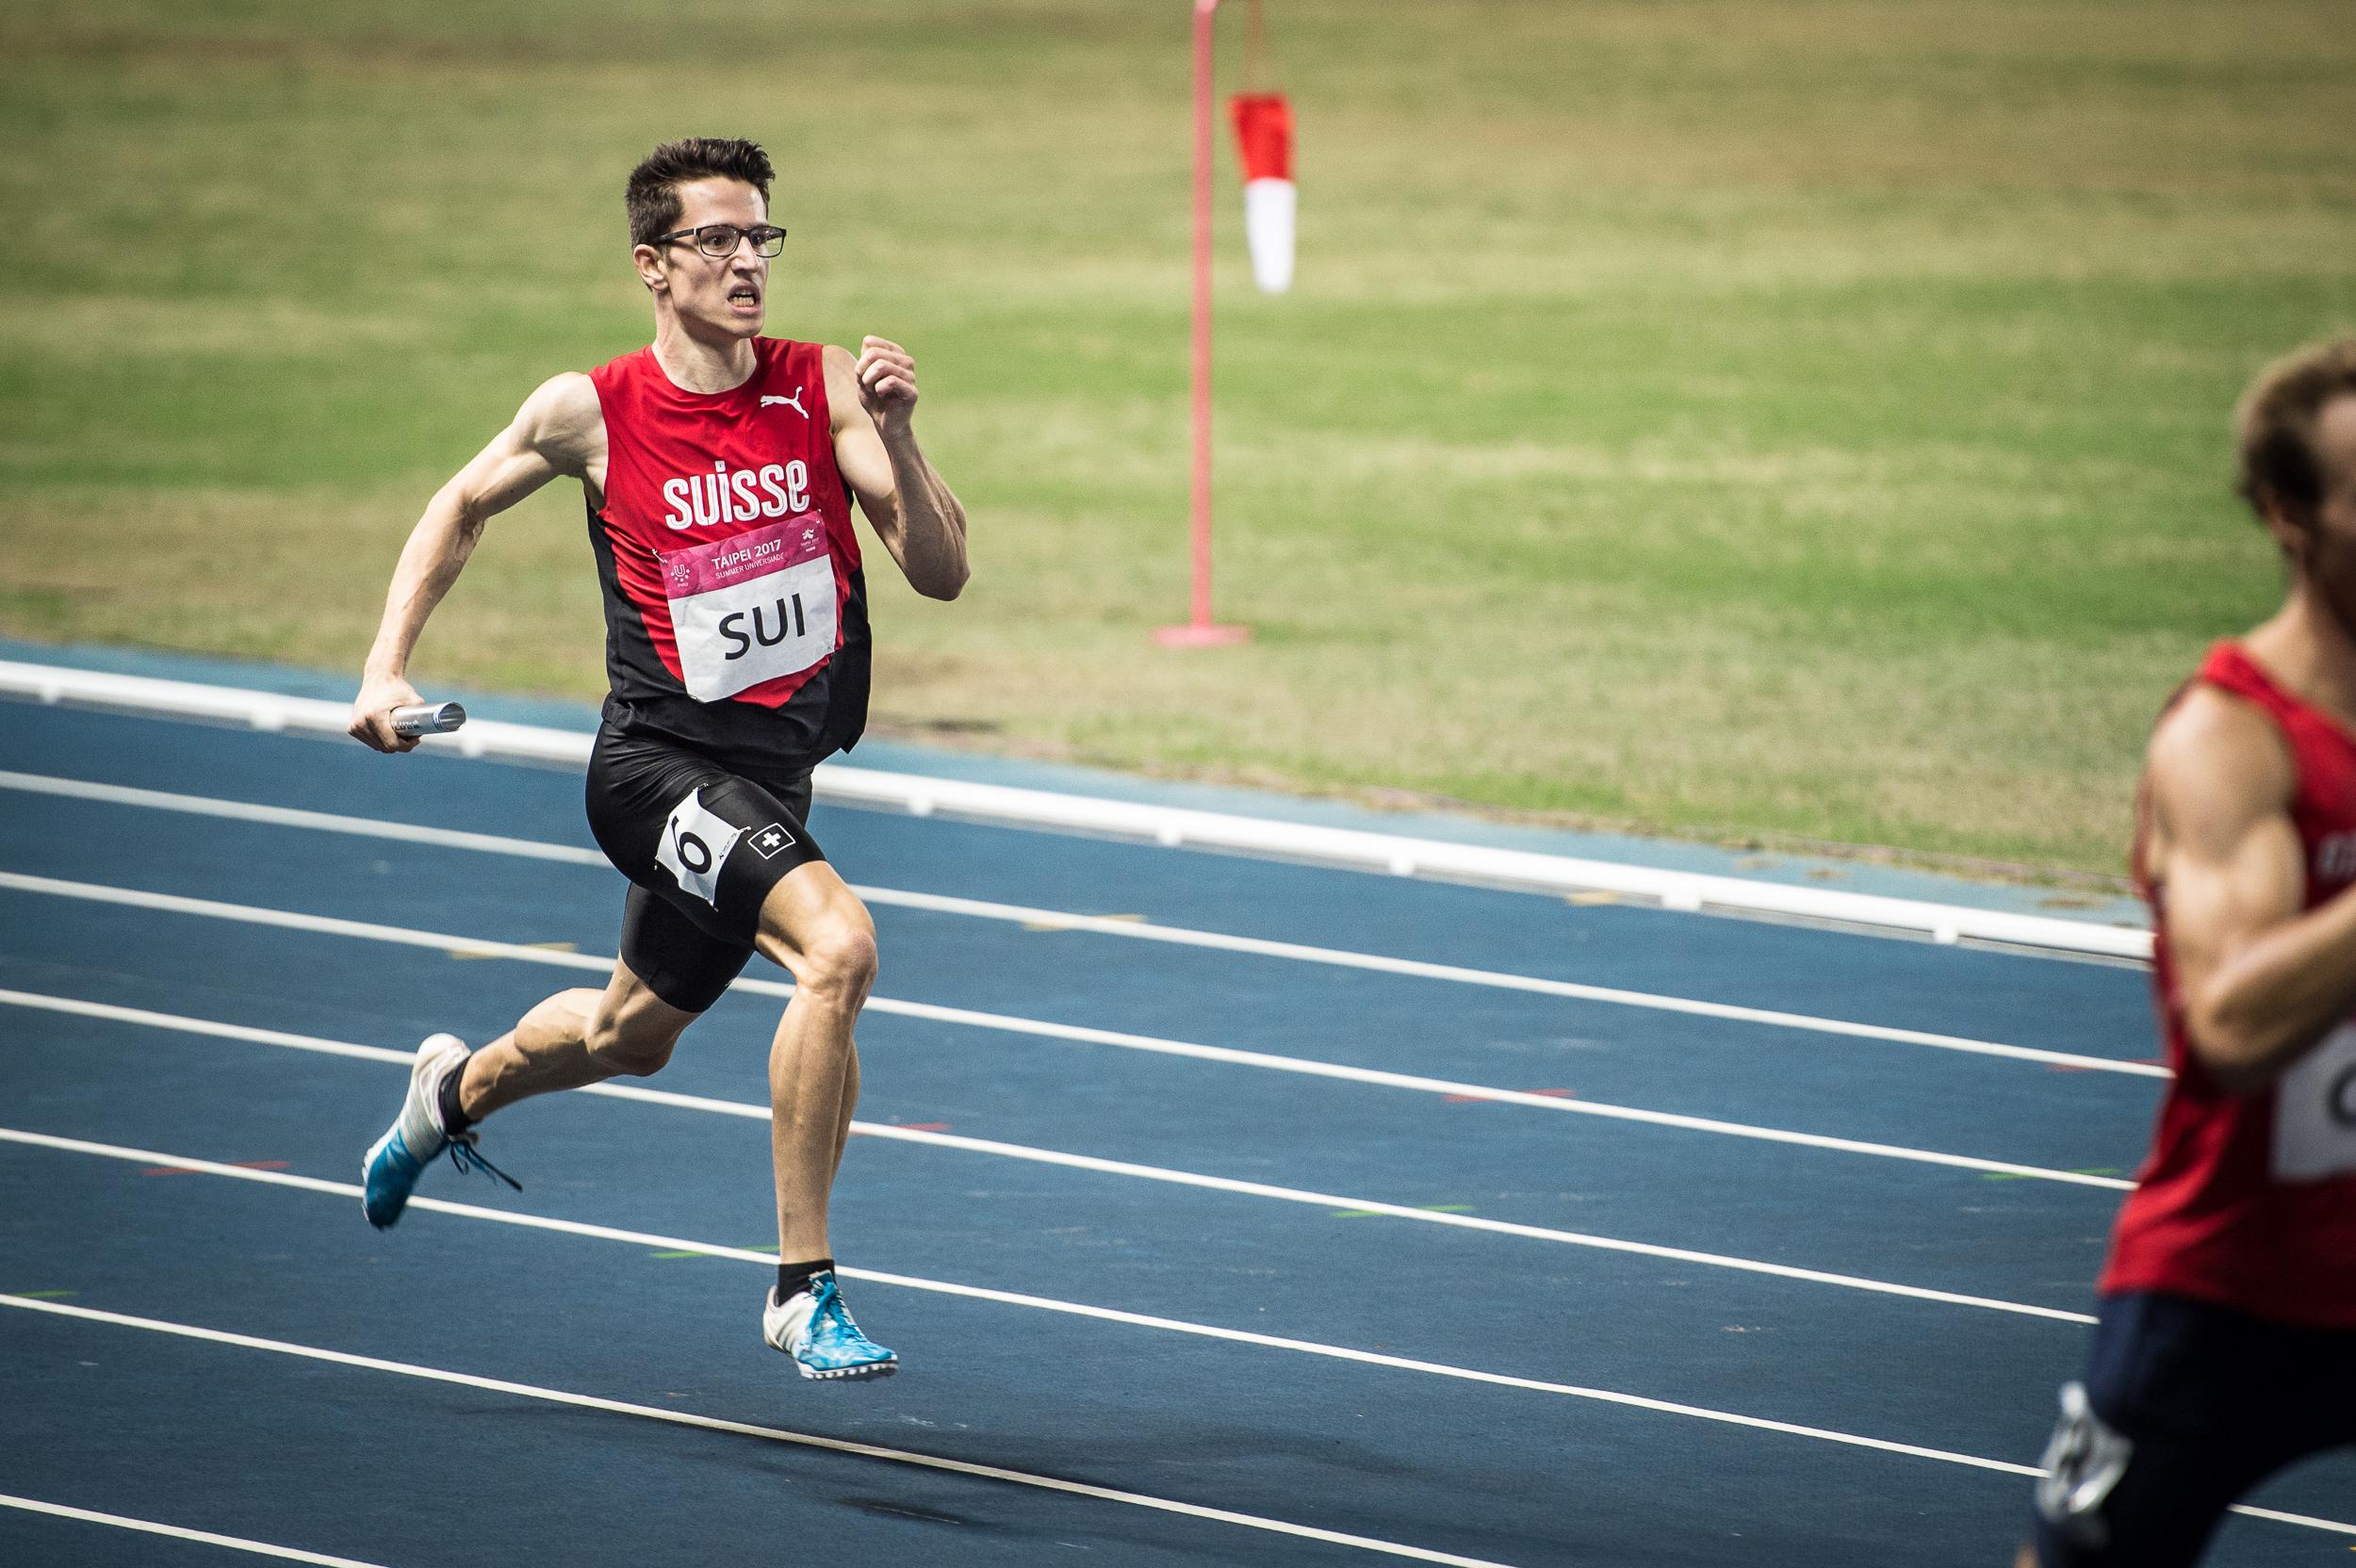 AB_2017_Universiade_Taipei-3018.jpg